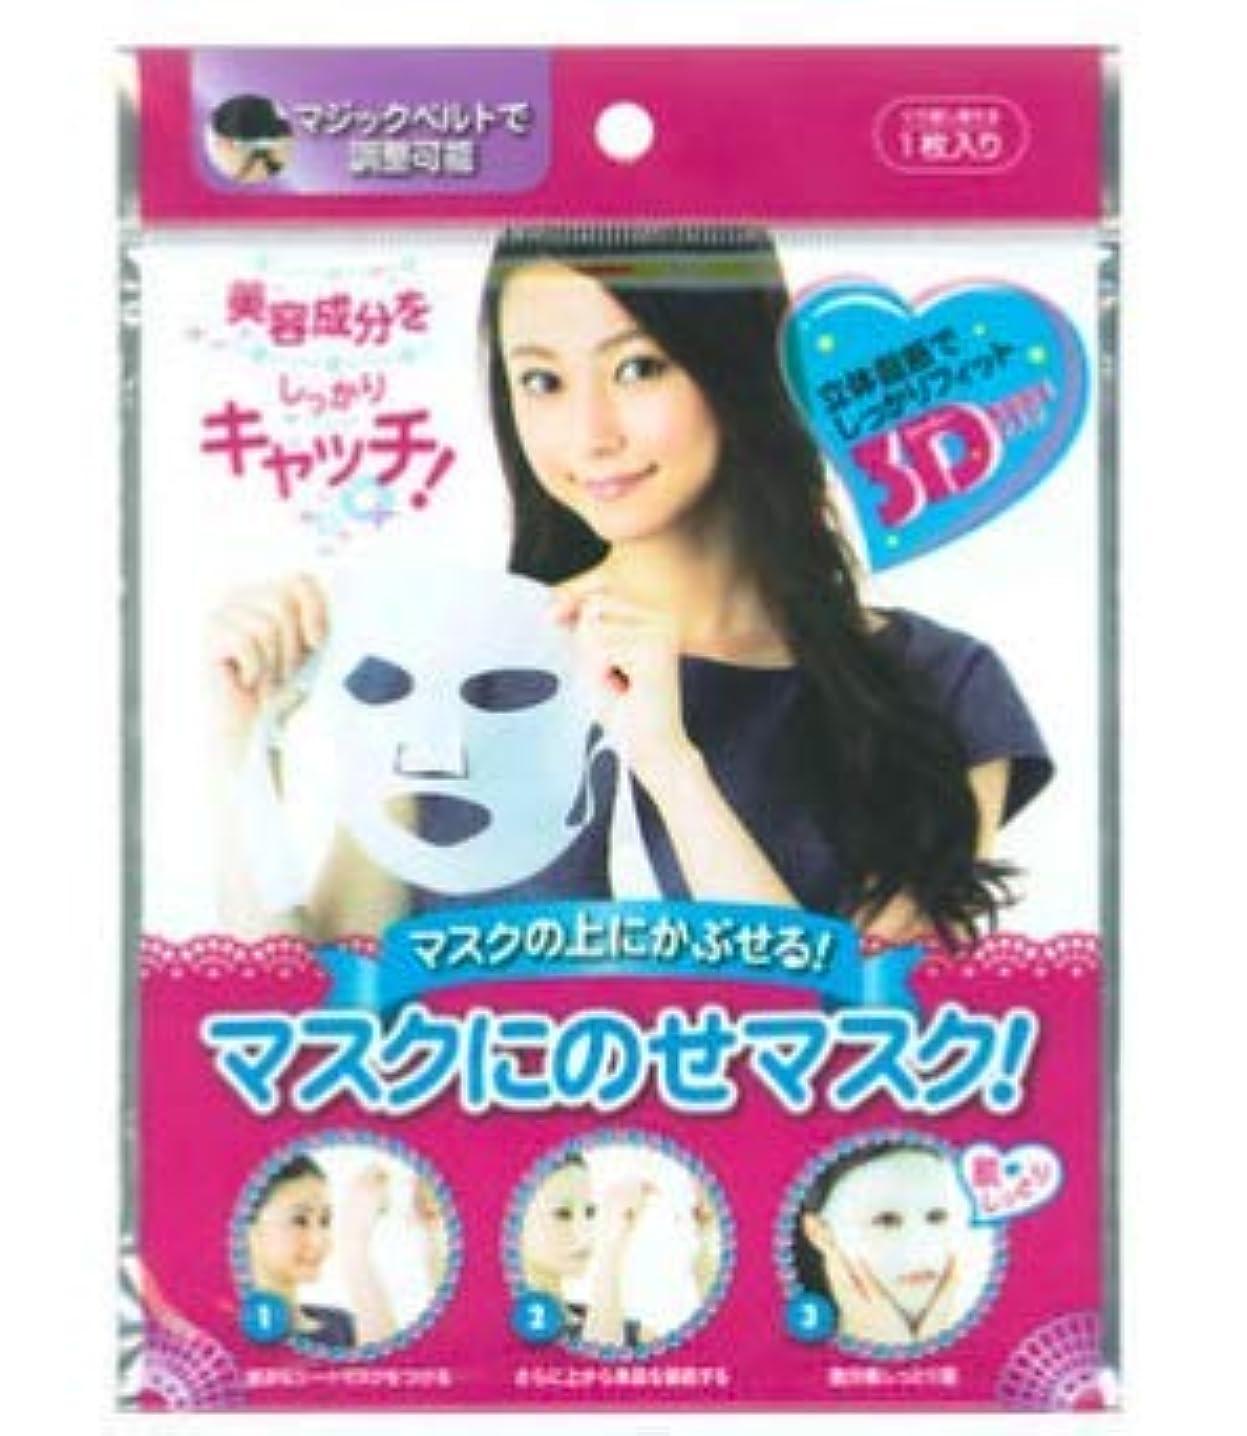 シリンダーヘアお香コスメット マスクにのせマスク!